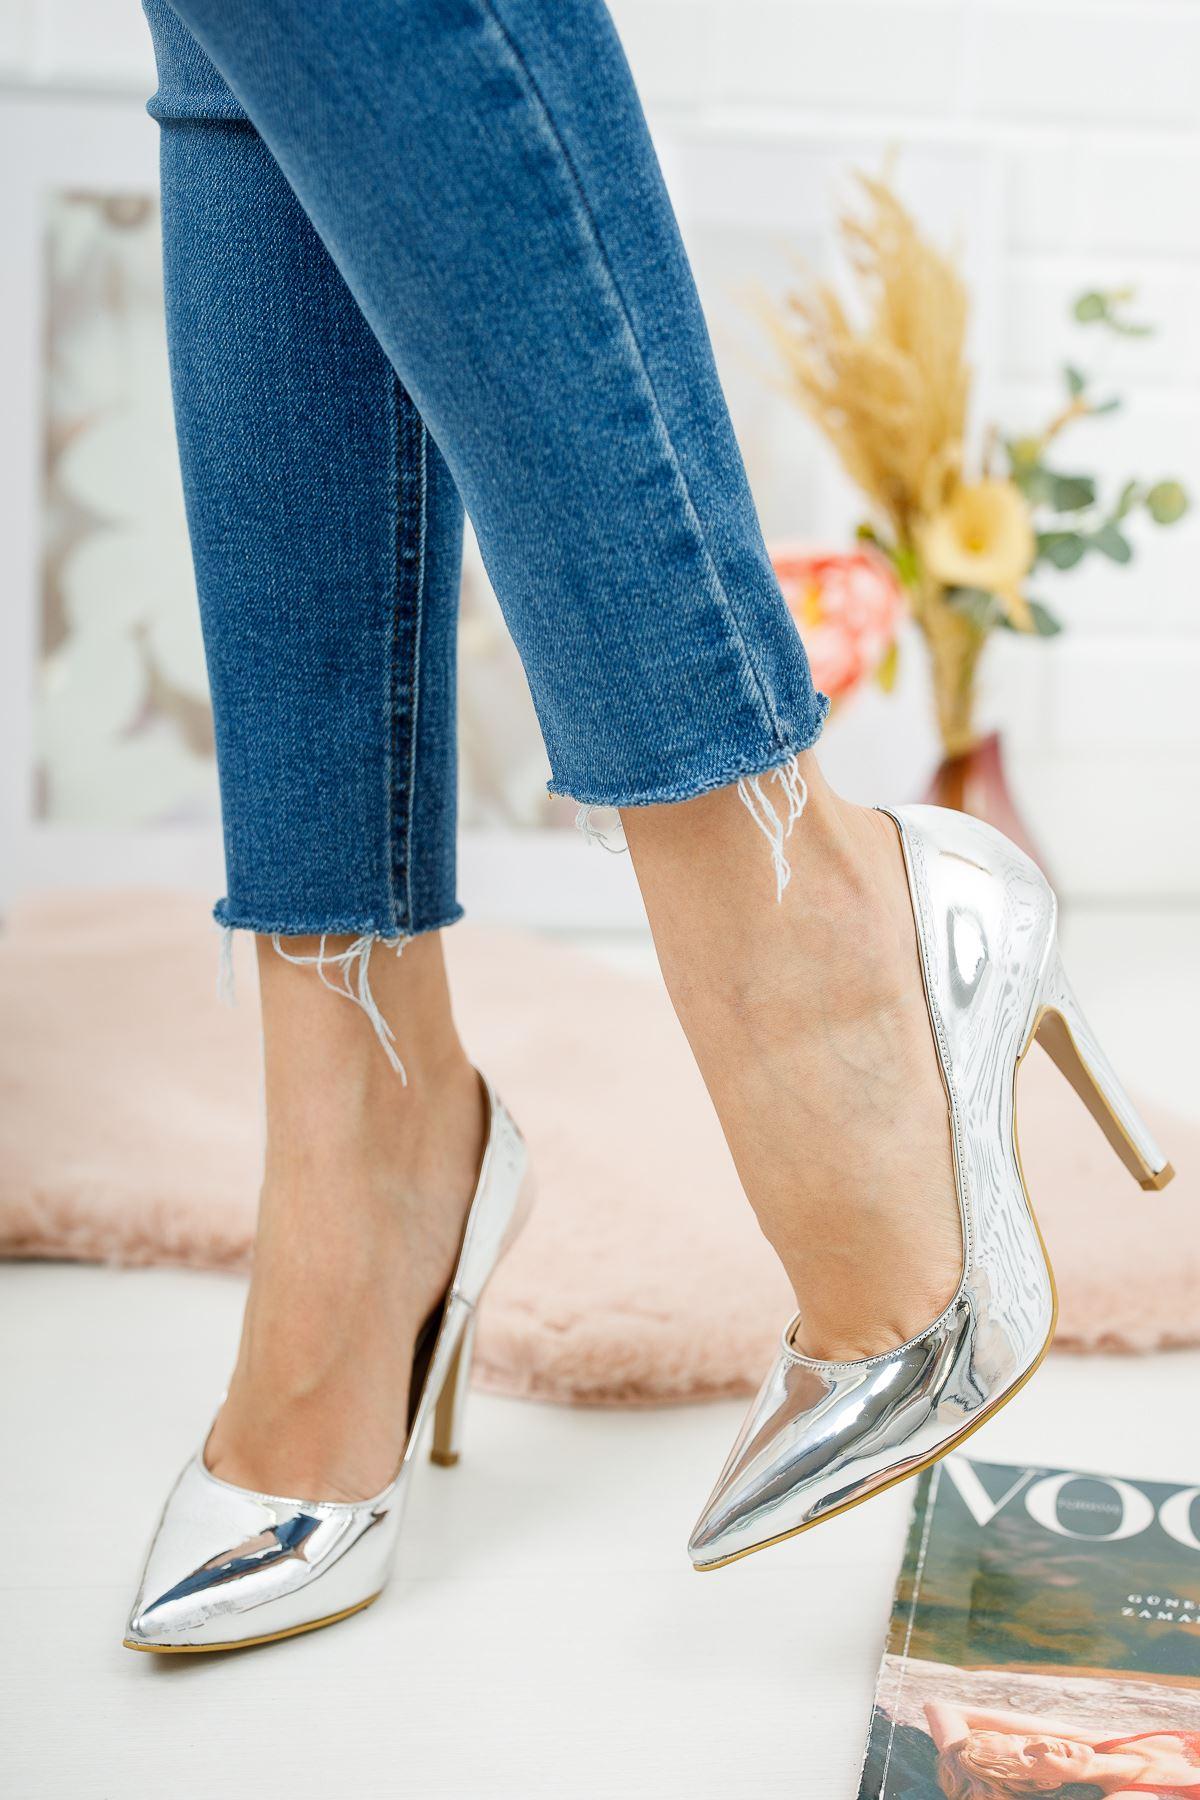 Tokyo Gümüş Ayna Kadın Topuklu Ayakkabı Stiletto